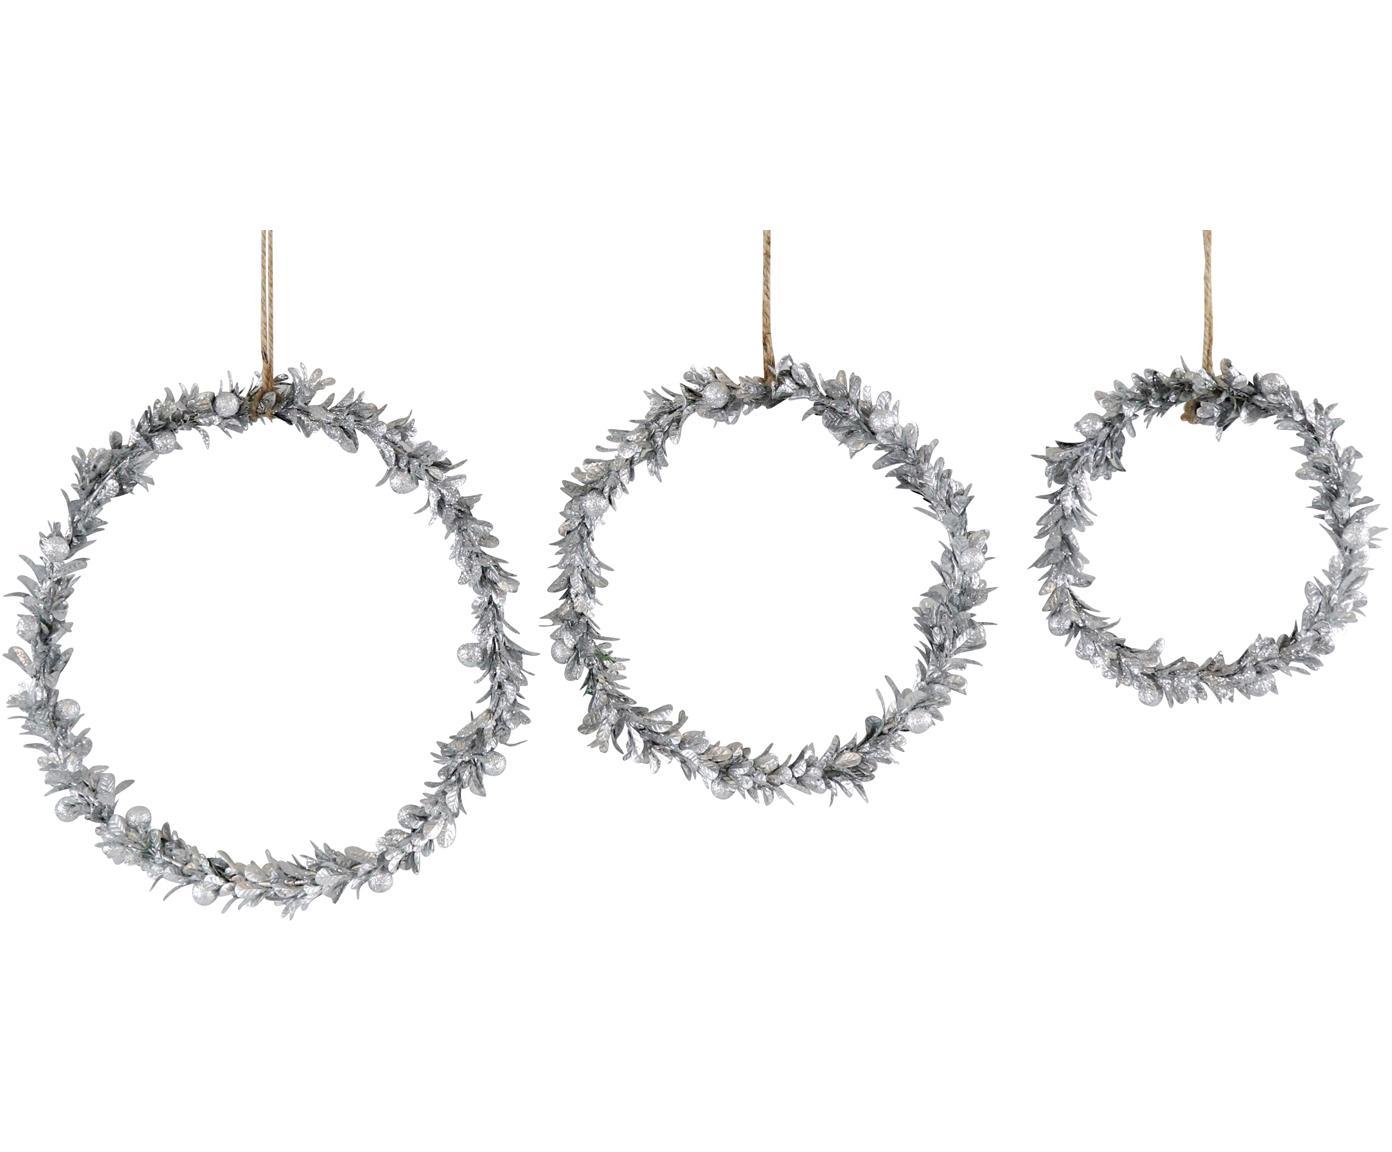 Set 3 ciondoli decorativi Laurel, Polistirolo, plastica, metallo, legno, Argentato, Set in varie misure